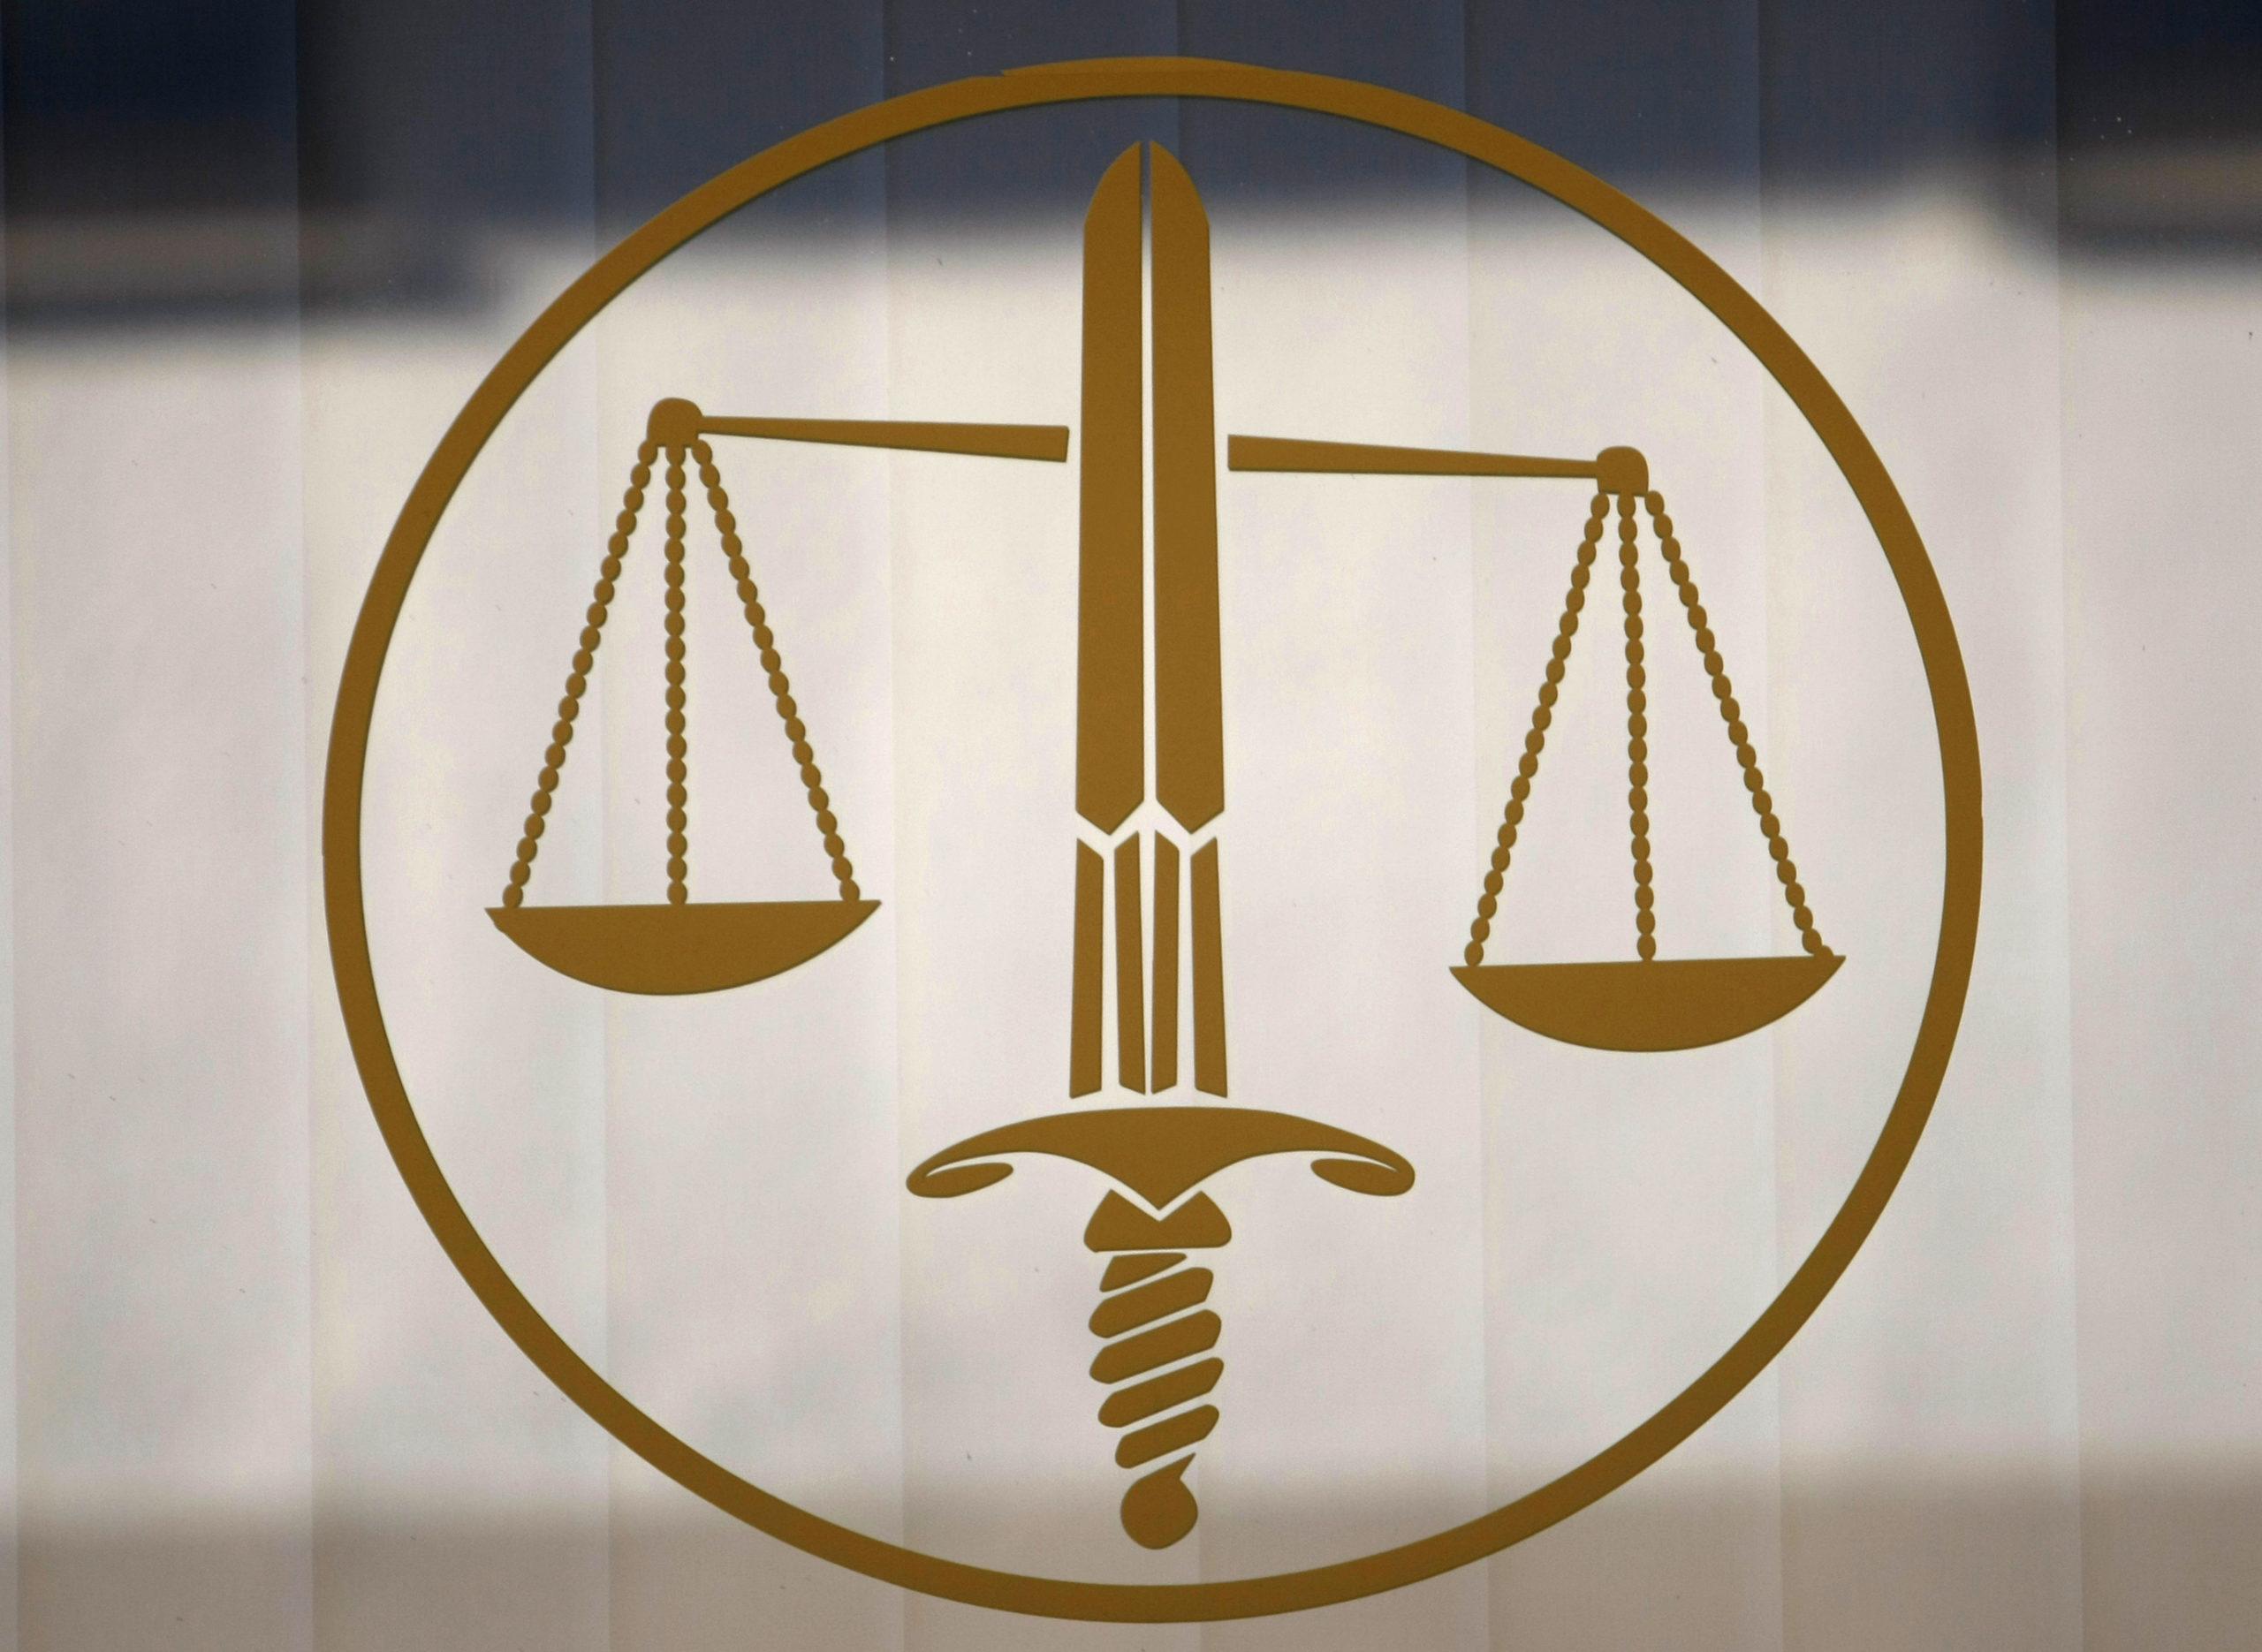 Une avocate nommée à la tête de l'Ecole nationale de la magistrature